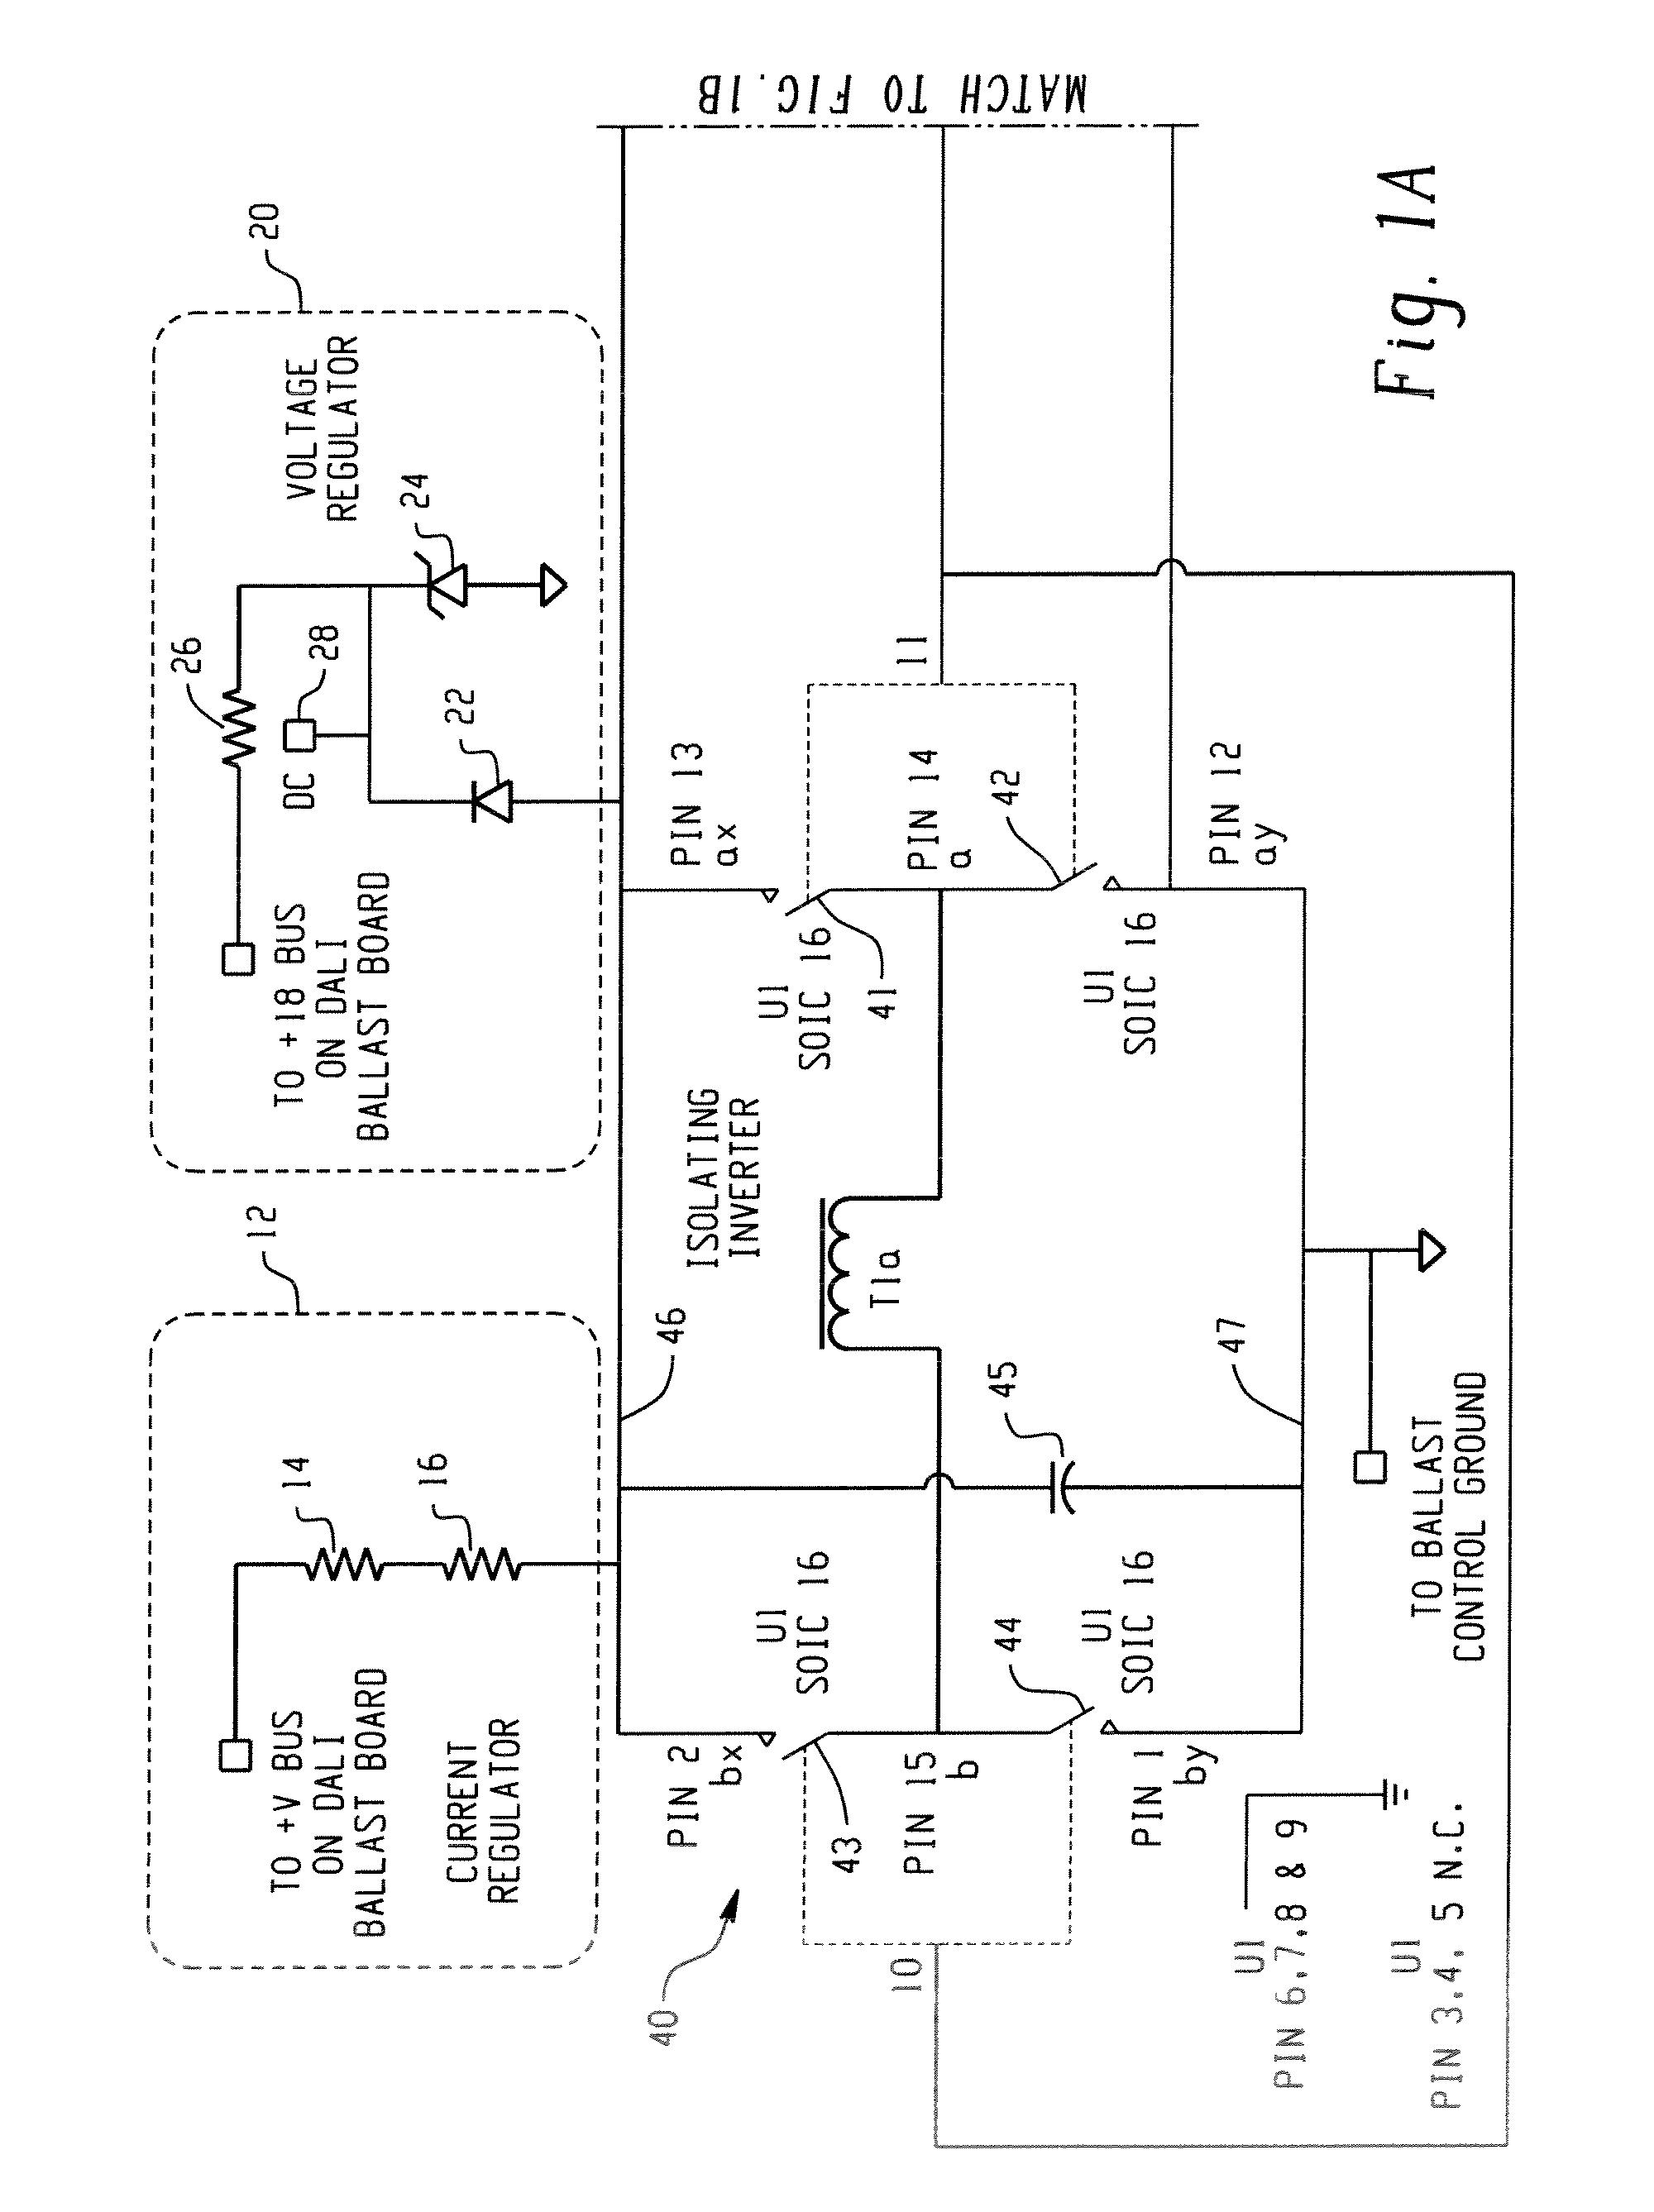 power supply schematics 0 10v  power  free engine image